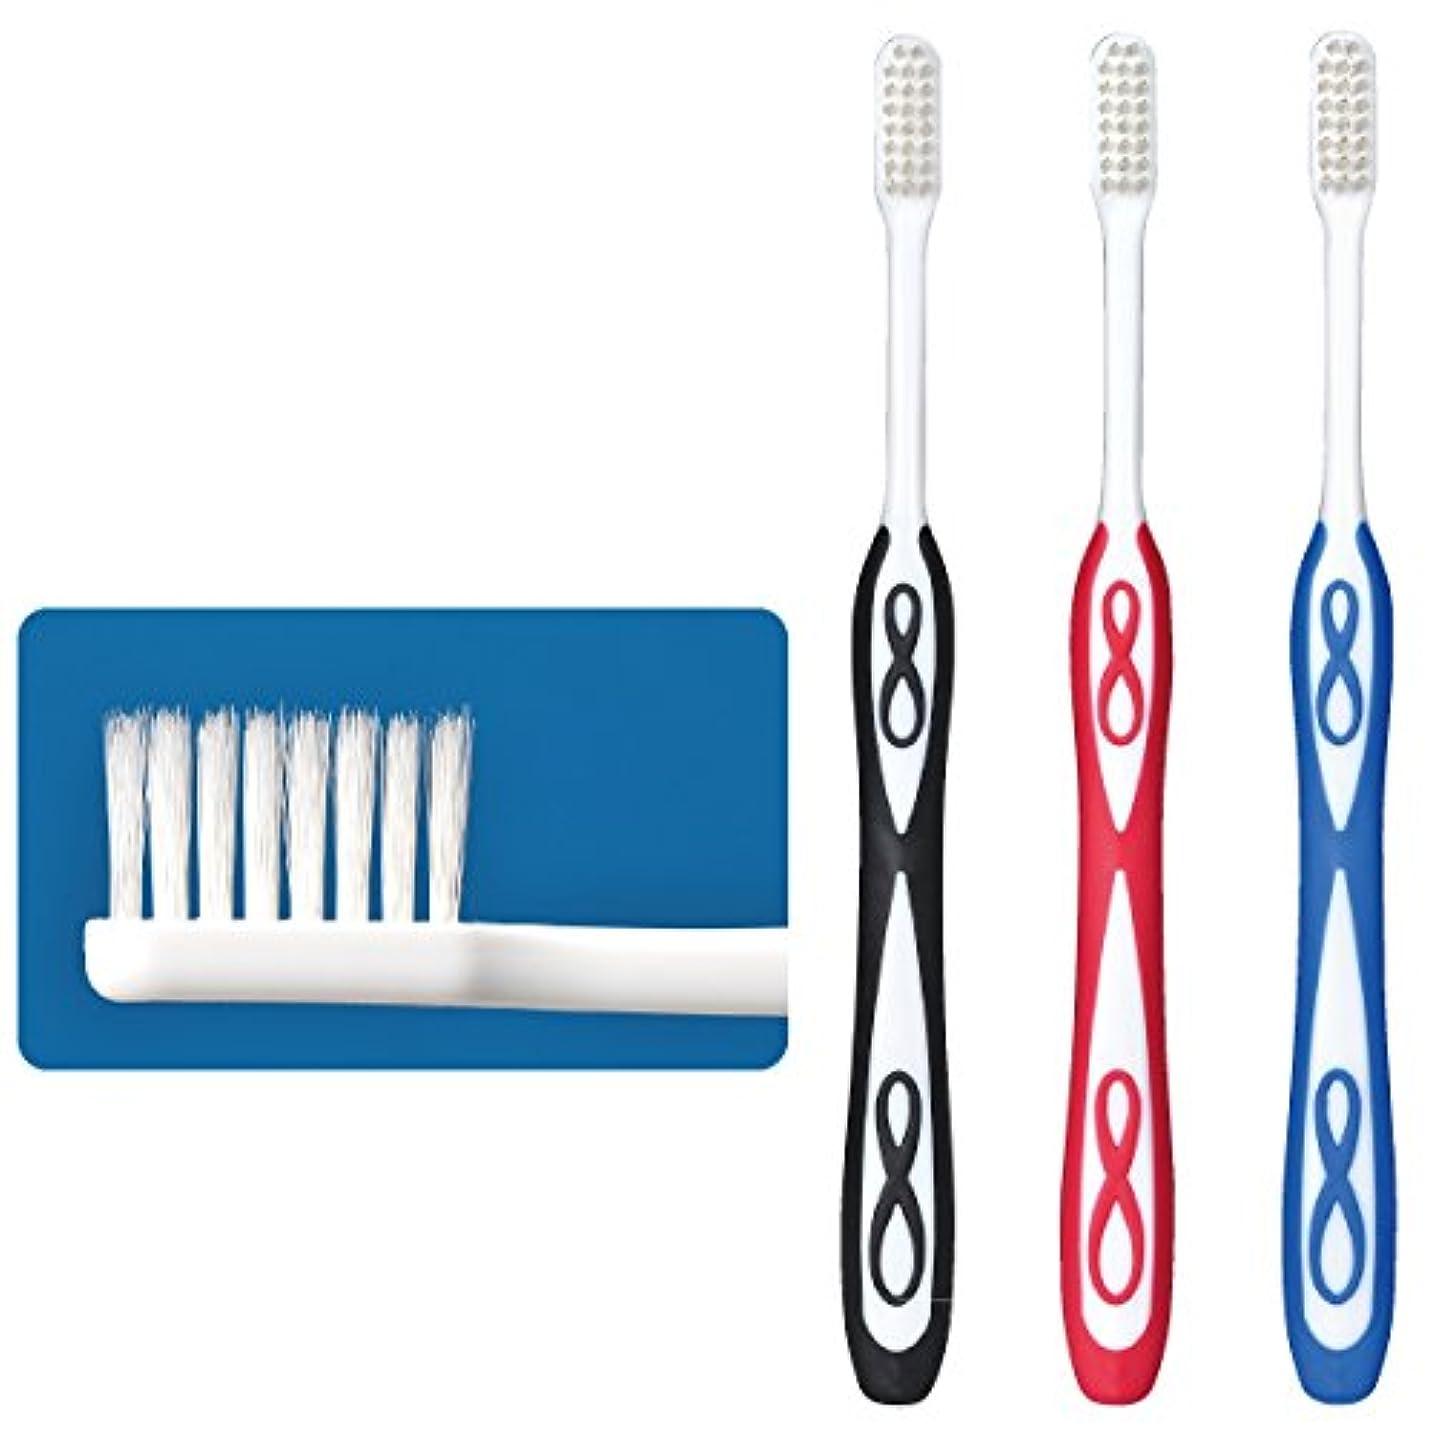 中庭毒性コメントLover8(ラバーエイト)歯ブラシ レギュラータイプ オールテーパー毛 Mふつう 30本入